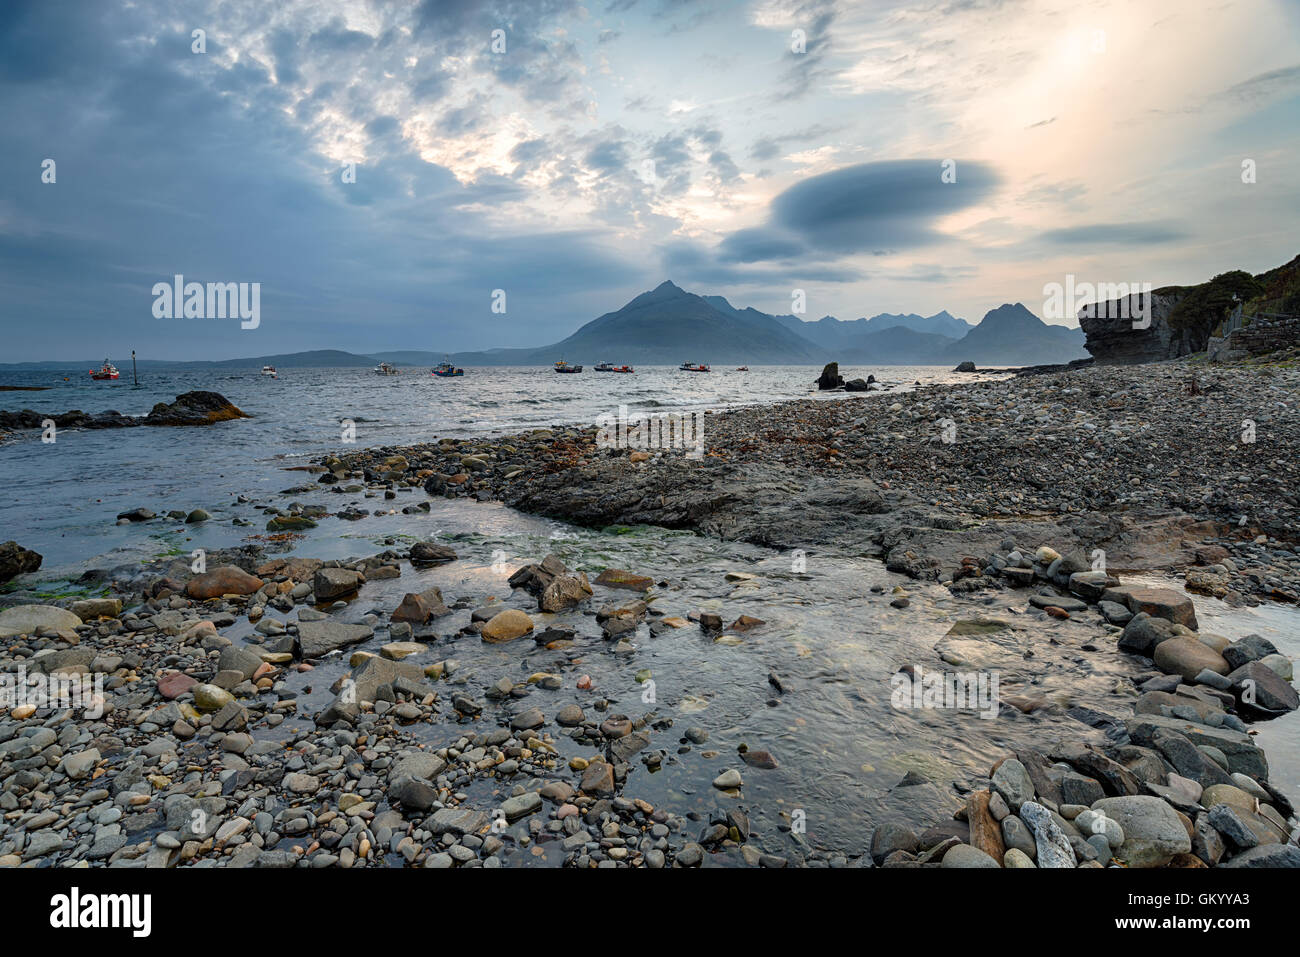 Un soir de tempête sur la plage à Elgol sur l'île de Skye en Ecosse, à la recherche sur Photo Stock